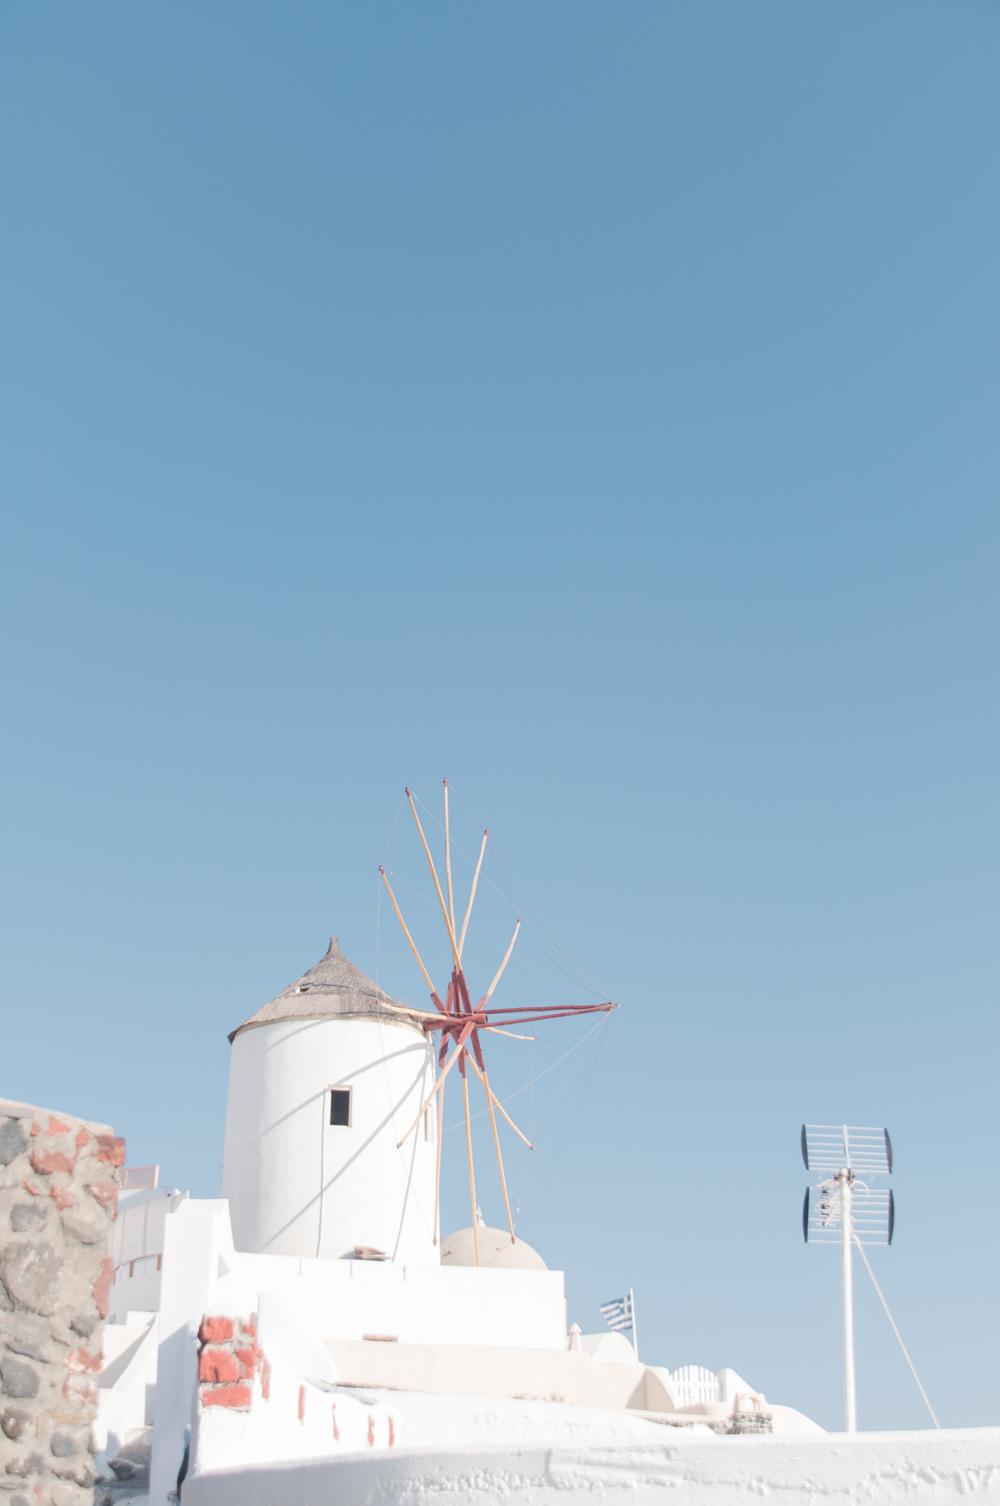 andrearufenerphotography-49.jpg